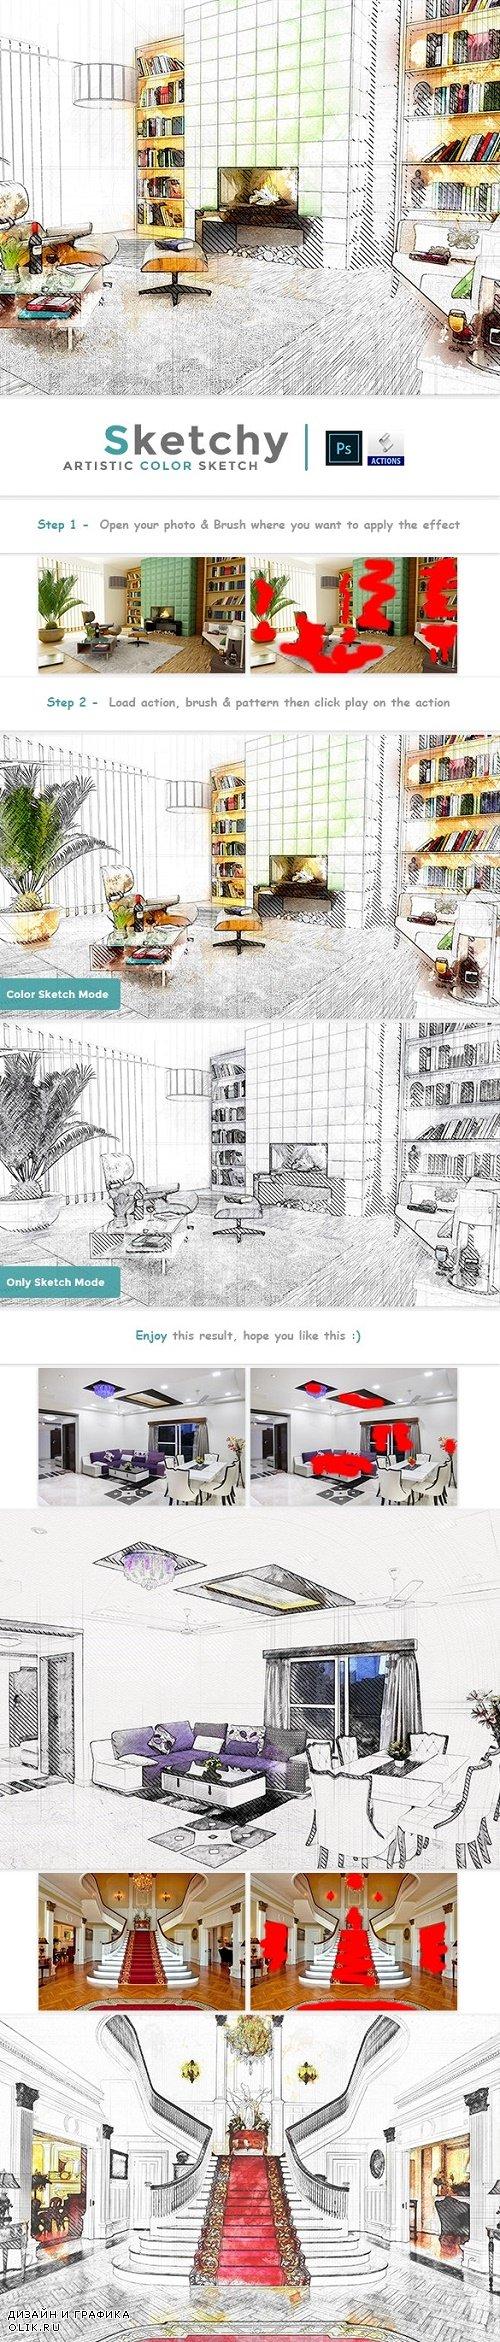 Sketchy - Artistic Color Sketch PS Action 24185668